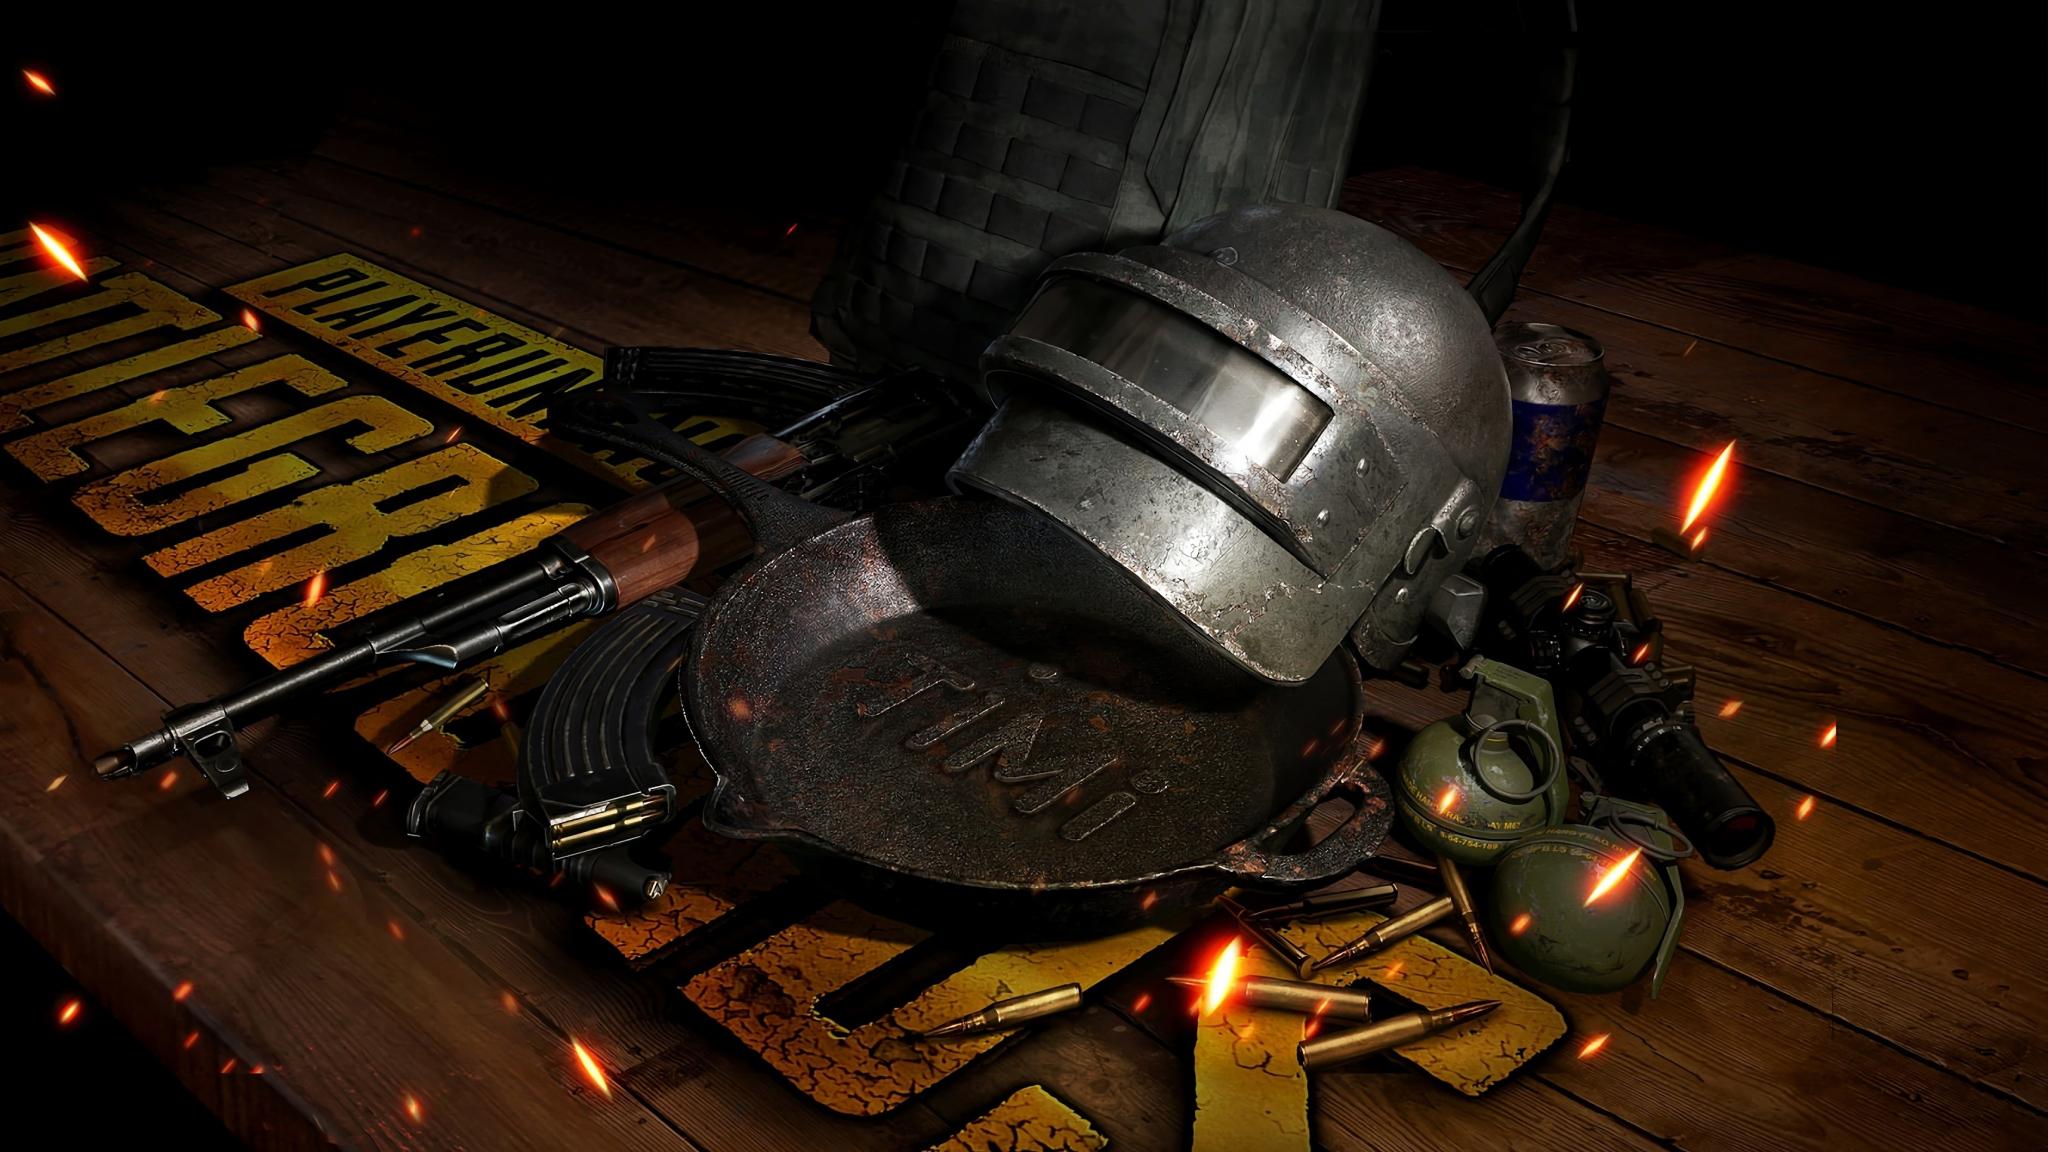 Download 2048x1152 Wallpaper Pubg Weapons Helmet Video